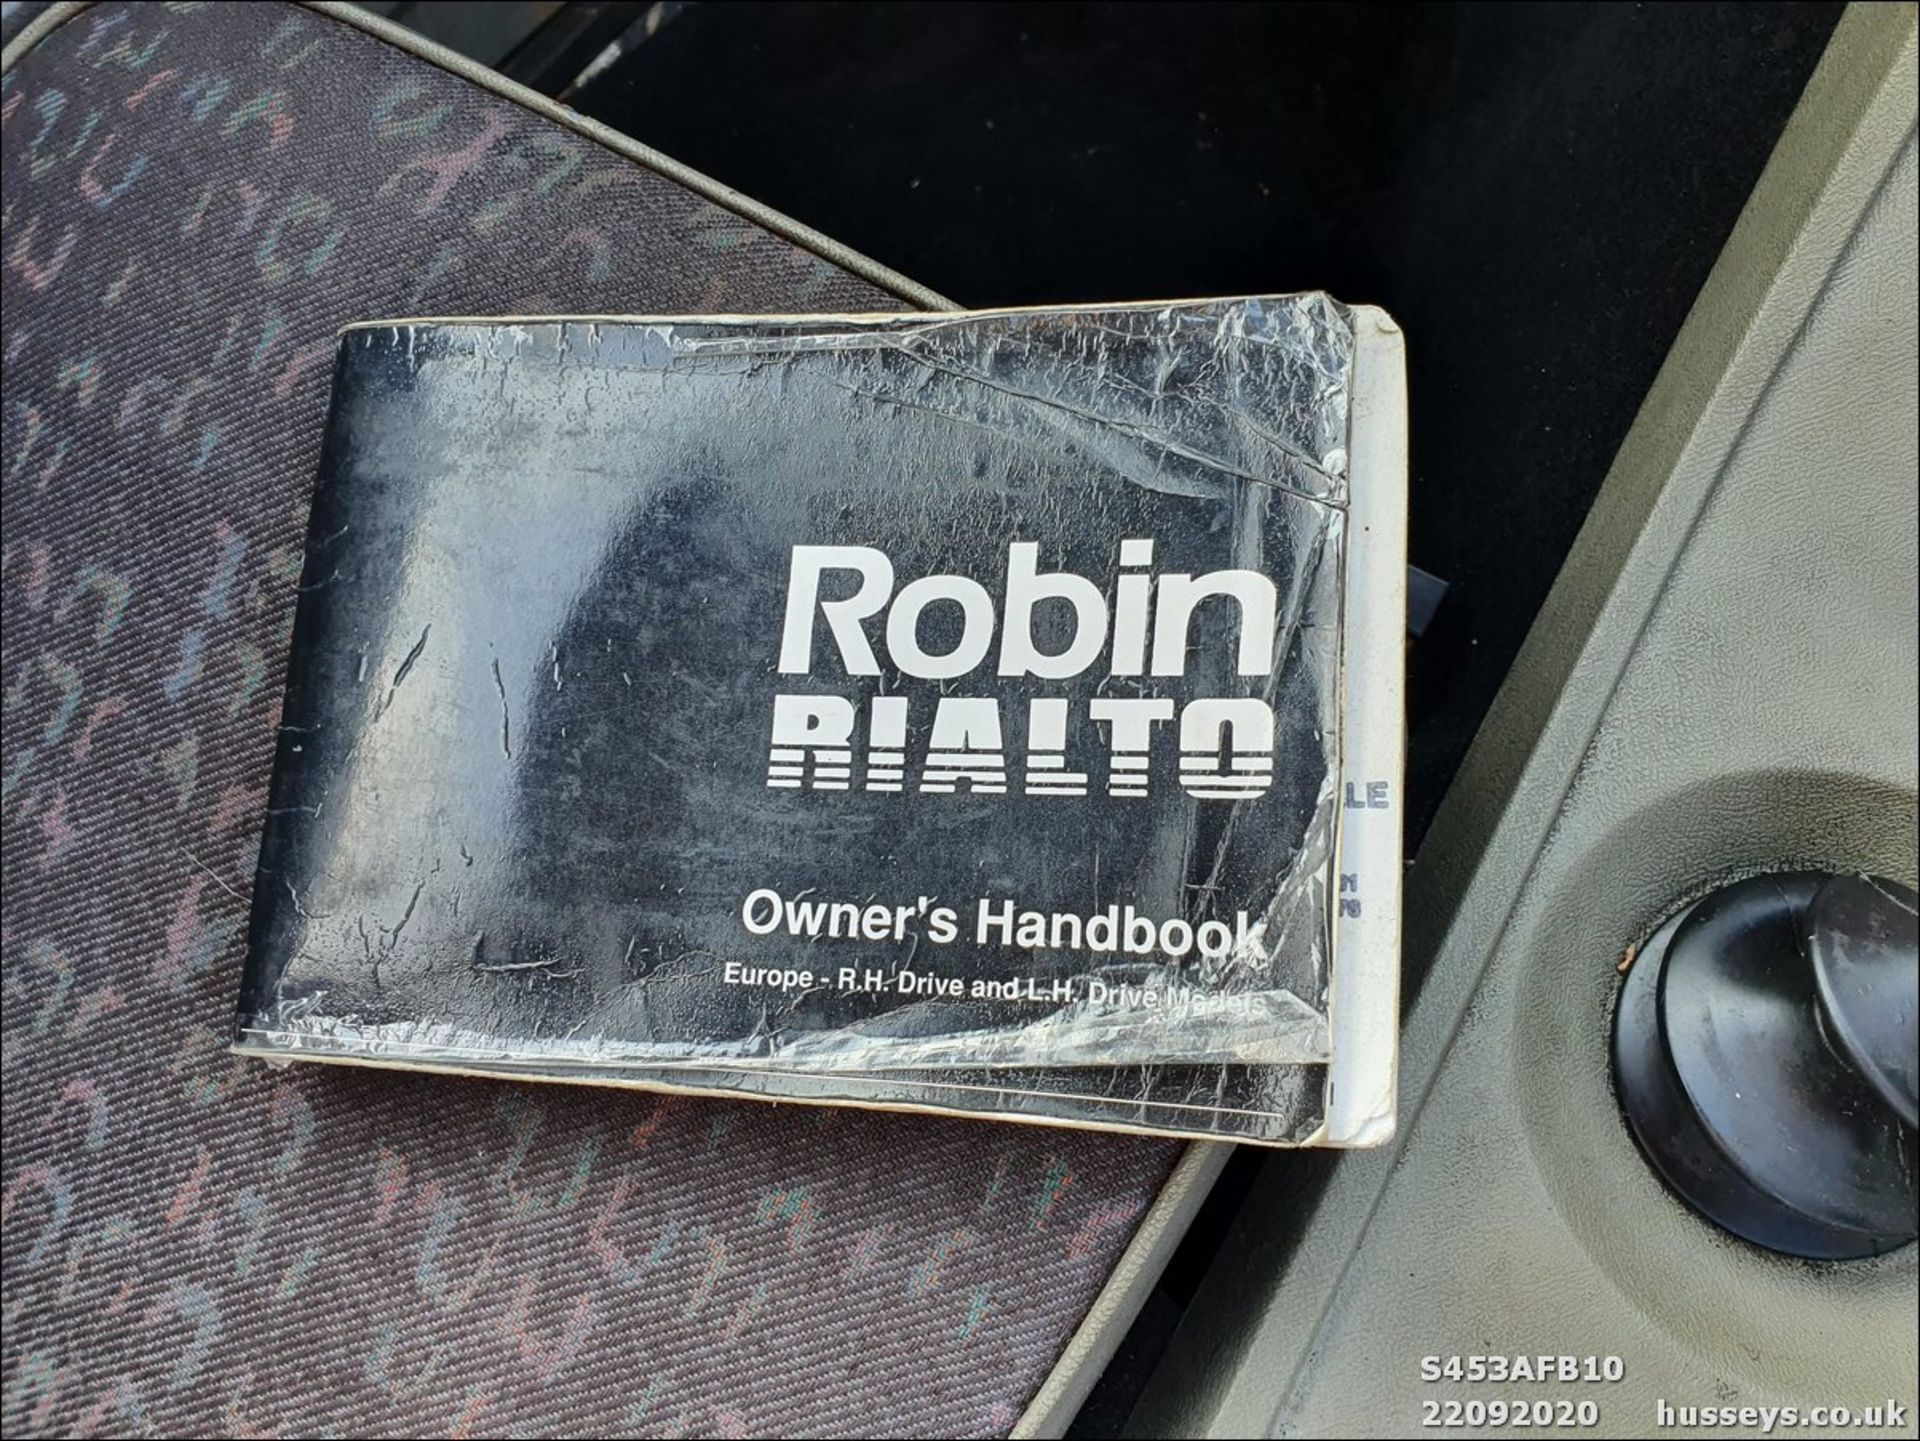 Lotto 3017 - 1998 RELIANT RIALTO VAN - 848cc 3dr Van (Red, 57k)